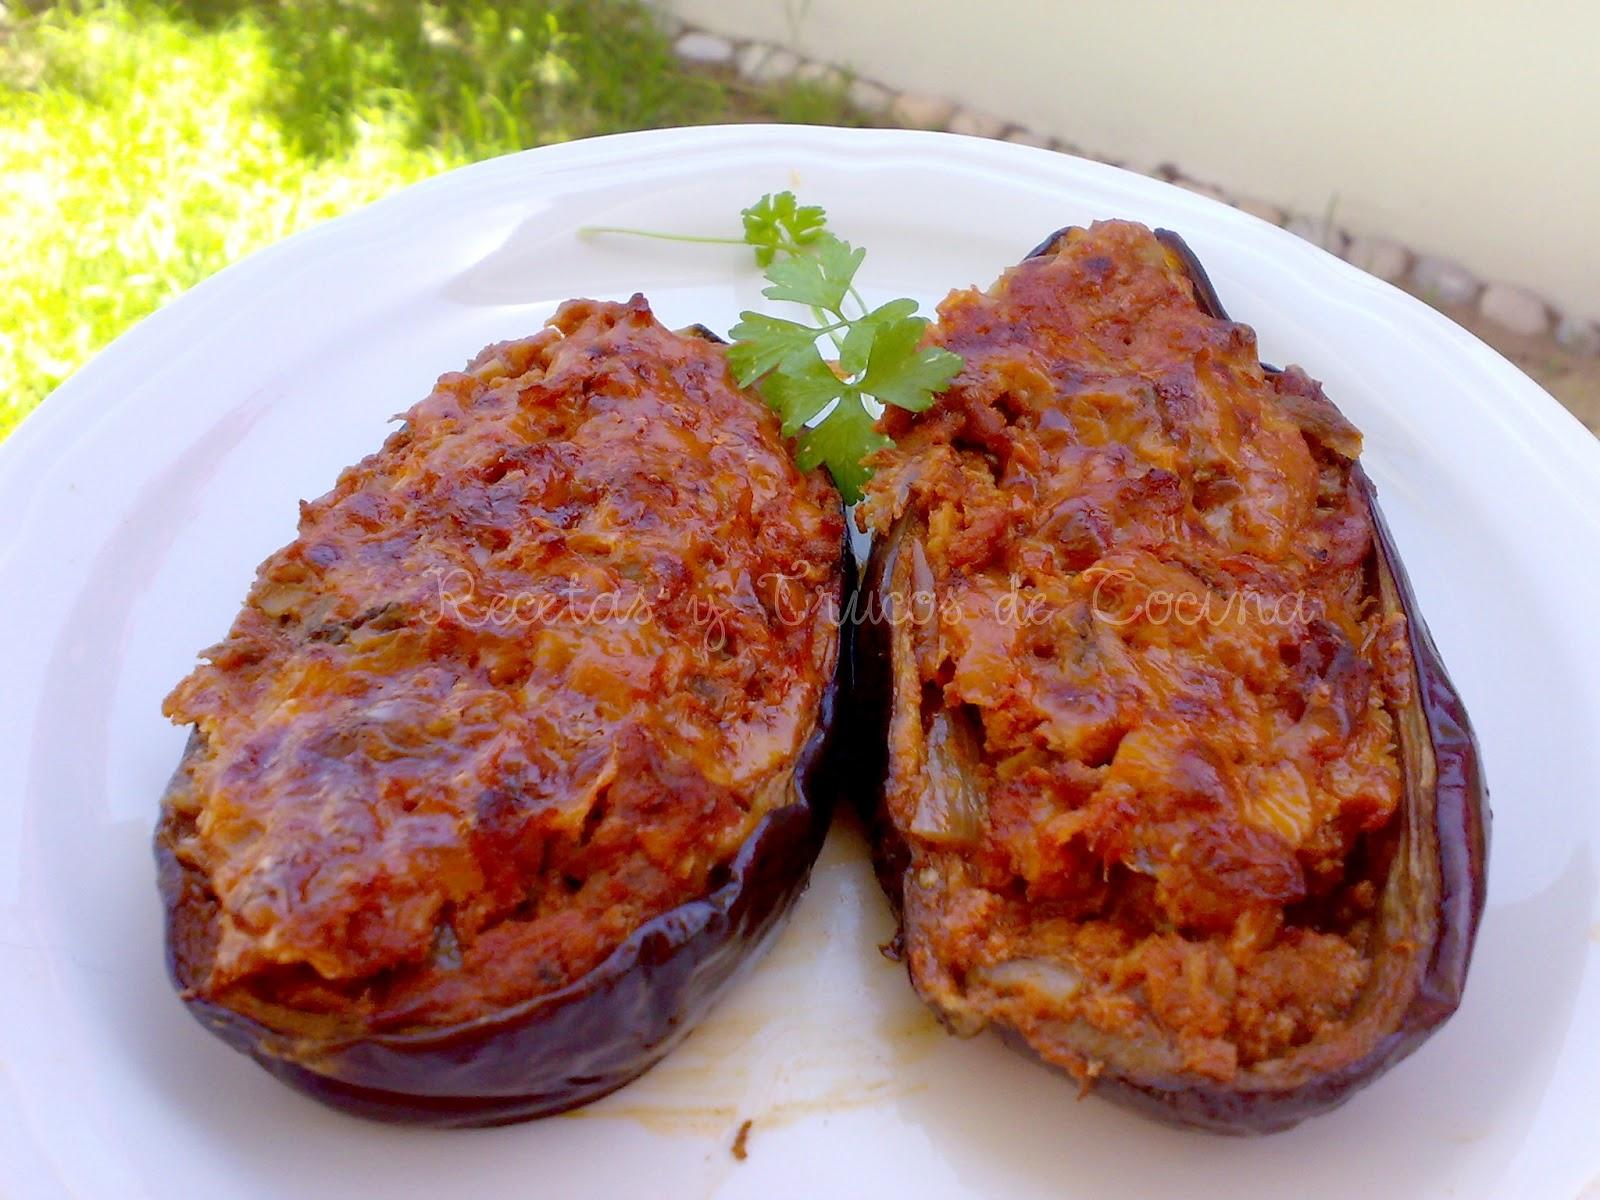 Recetas y trucos de cocina berenjenas rellenas for Cocina berenjenas rellenas